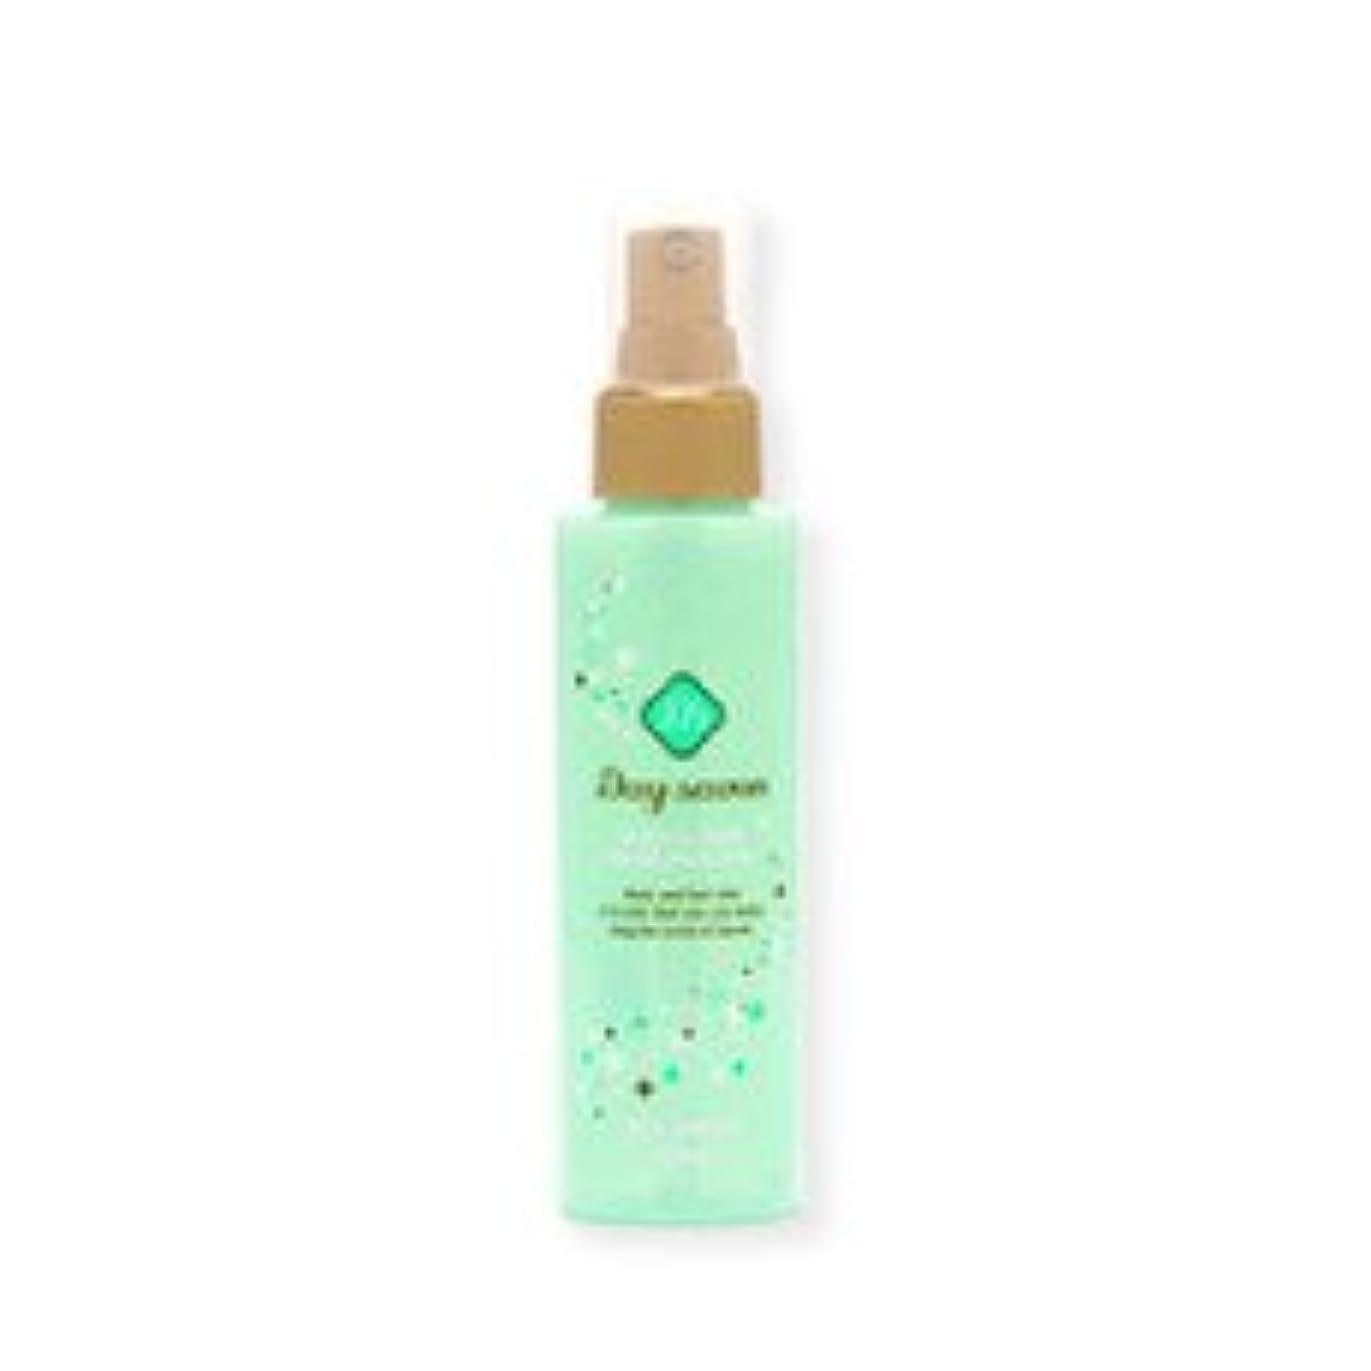 遠え概念落ちた富士薬品 デイサボン ボディ&ヘアミスト シーサボン(爽やかな石鹸の香り)[化粧水] 120mL